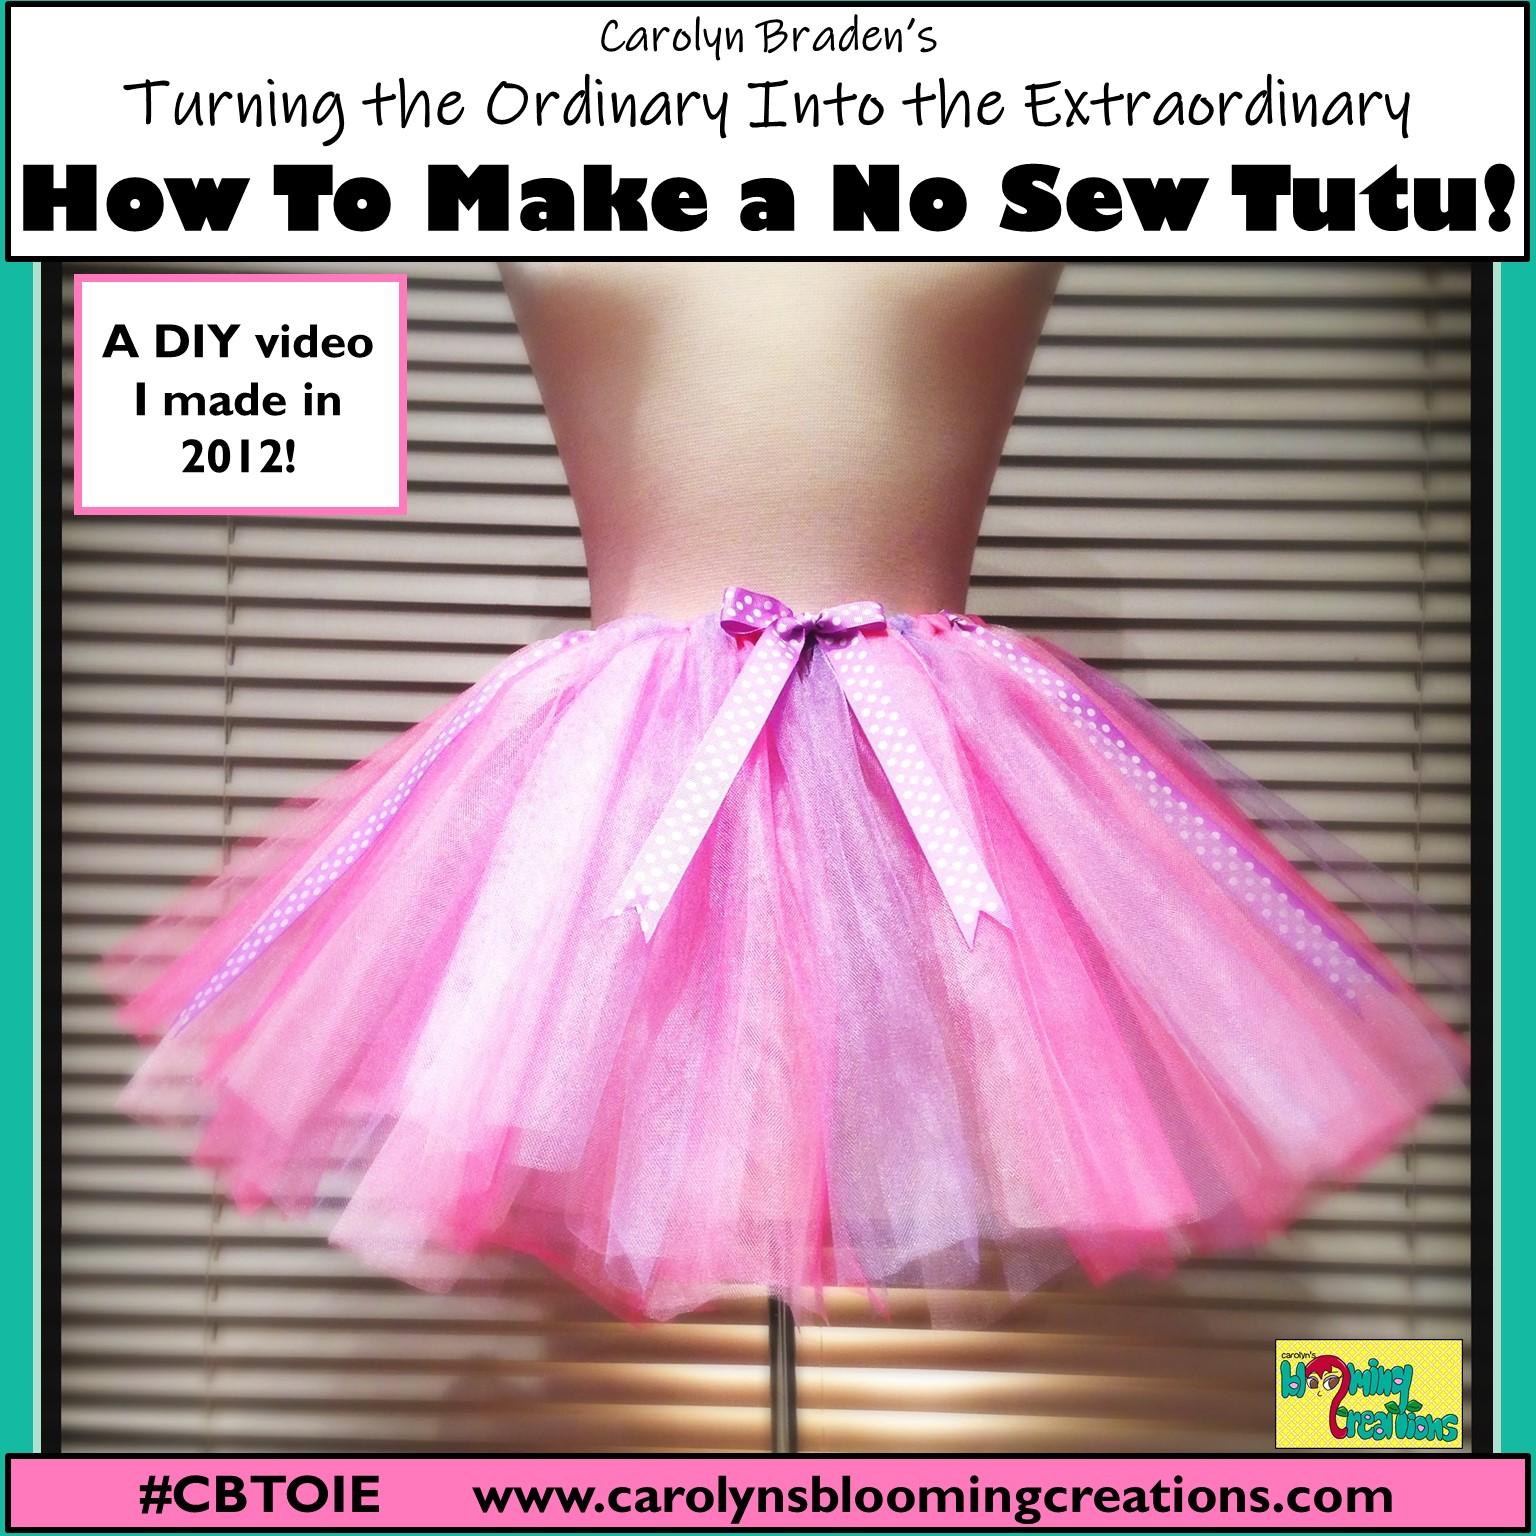 Carolyn Braden How to Make a No Sew Tutu.jpg